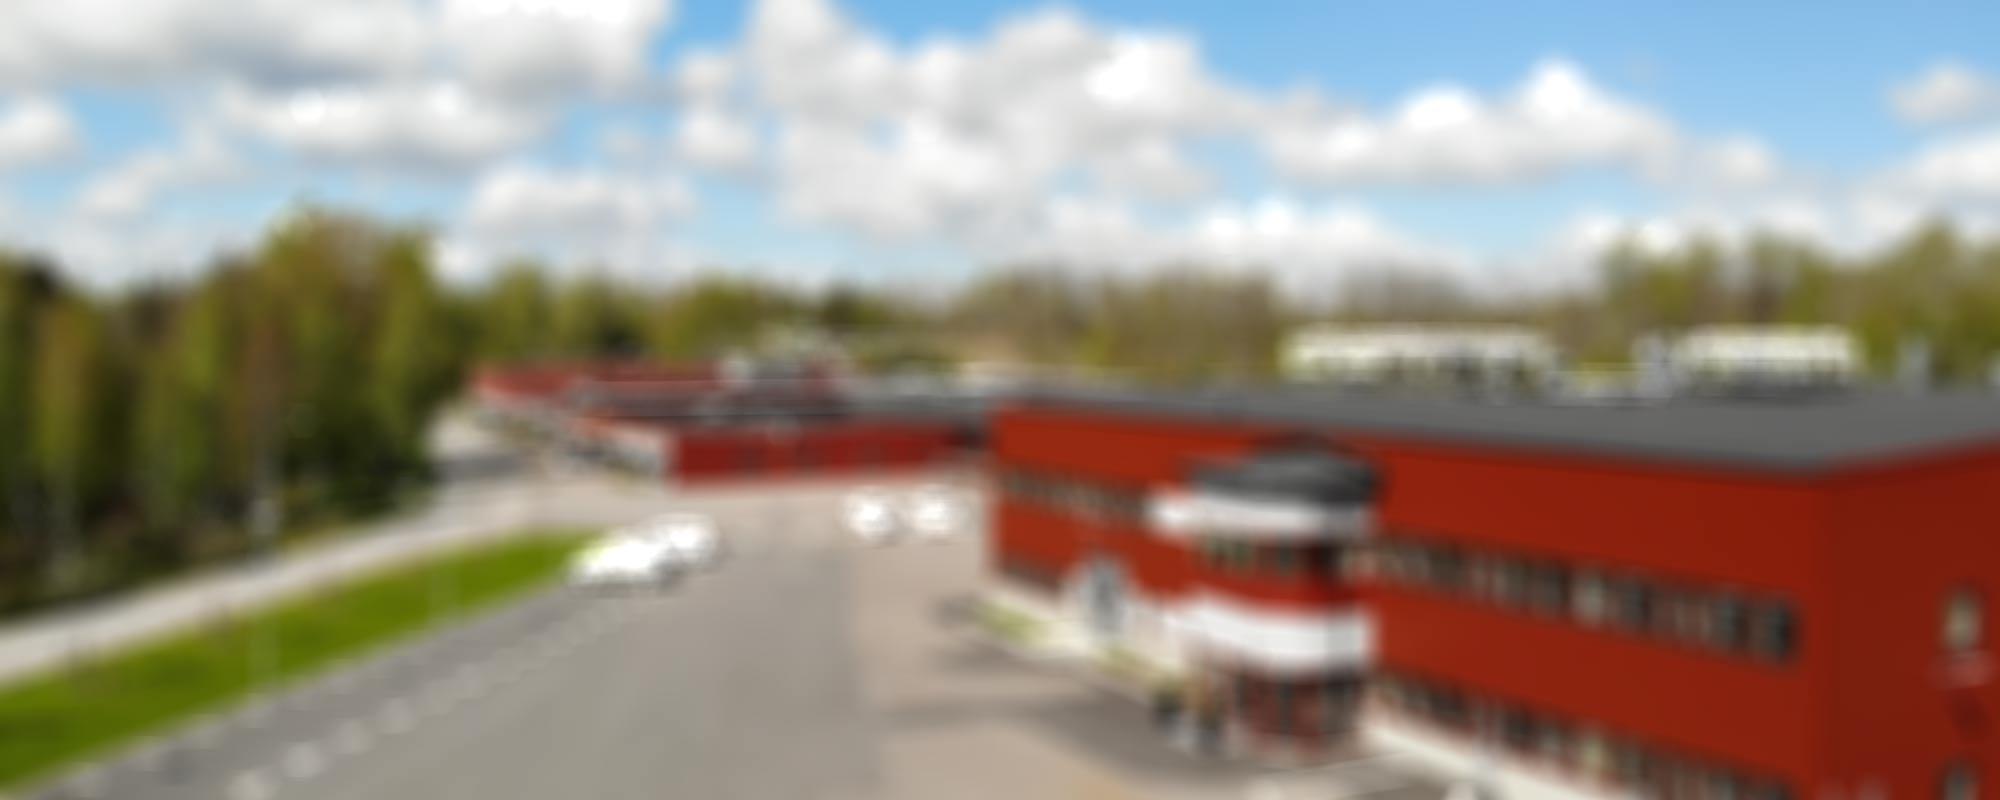 Blurrig bild på AMBs lokaler i Broakulla